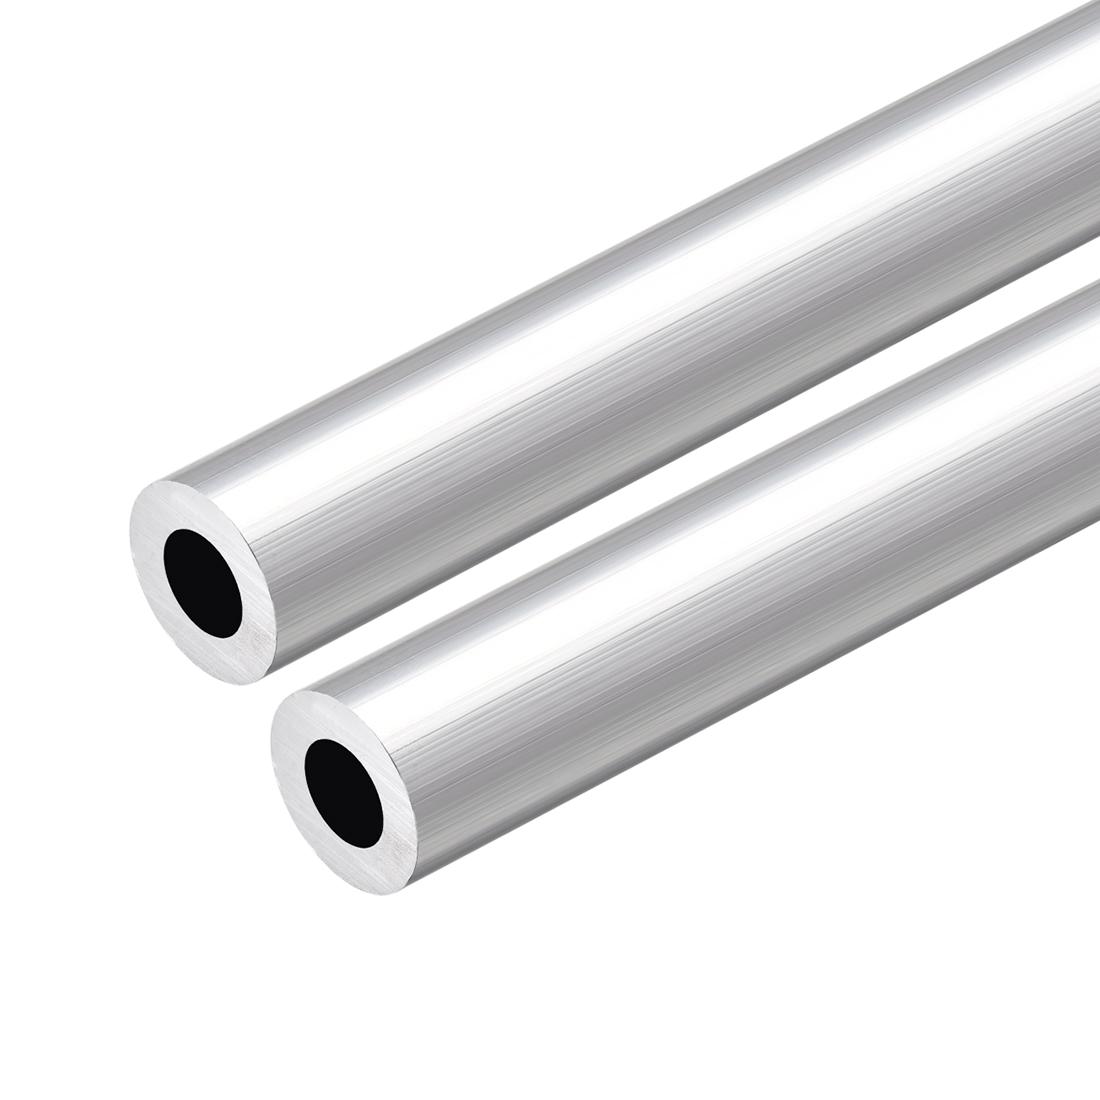 6063 Aluminum Round Tube 300mm Length 19mm OD 11mm Inner Dia Seamless Tube 2 Pcs